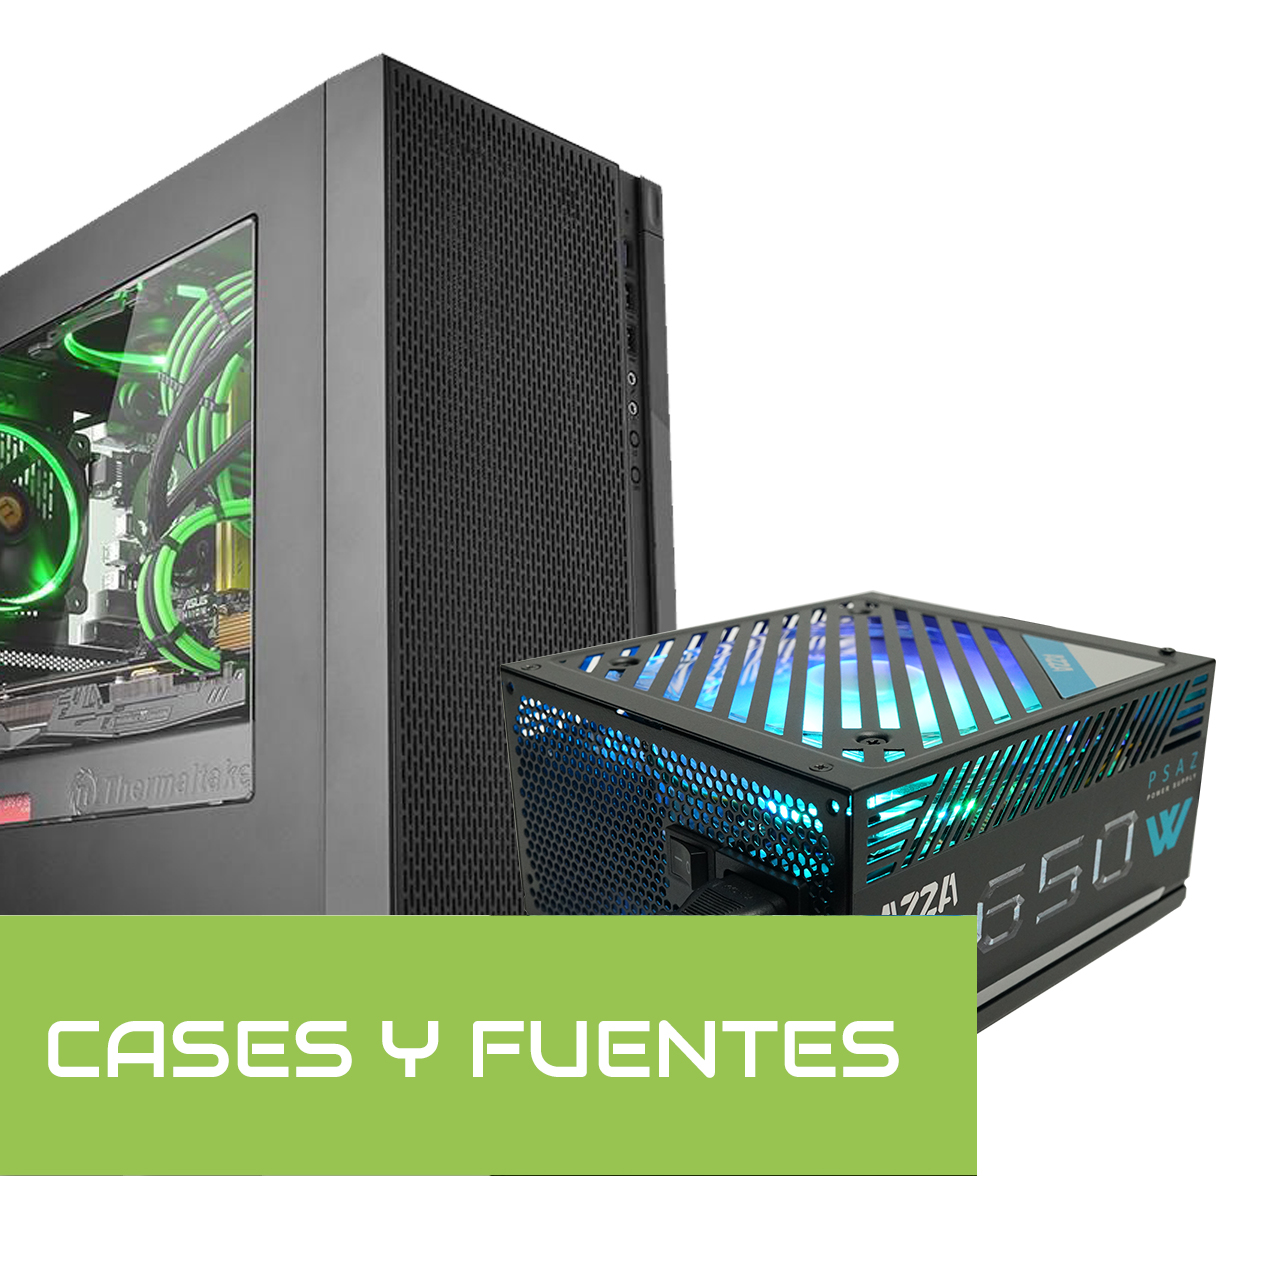 Cases y Fuentes